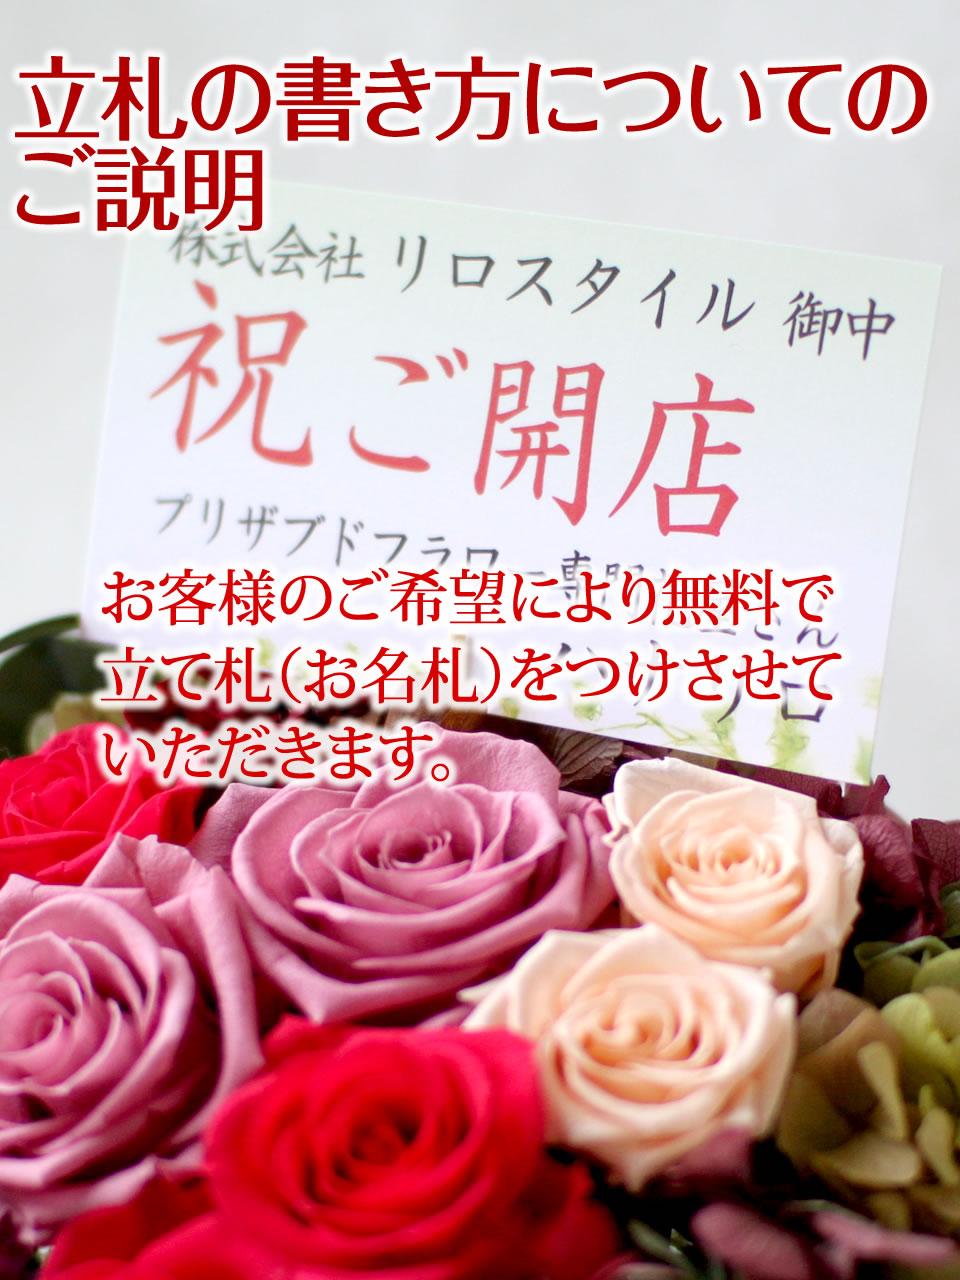 花屋-フラワーギフト-インターネット宅配花屋さん花RiRo-立札の書き方について